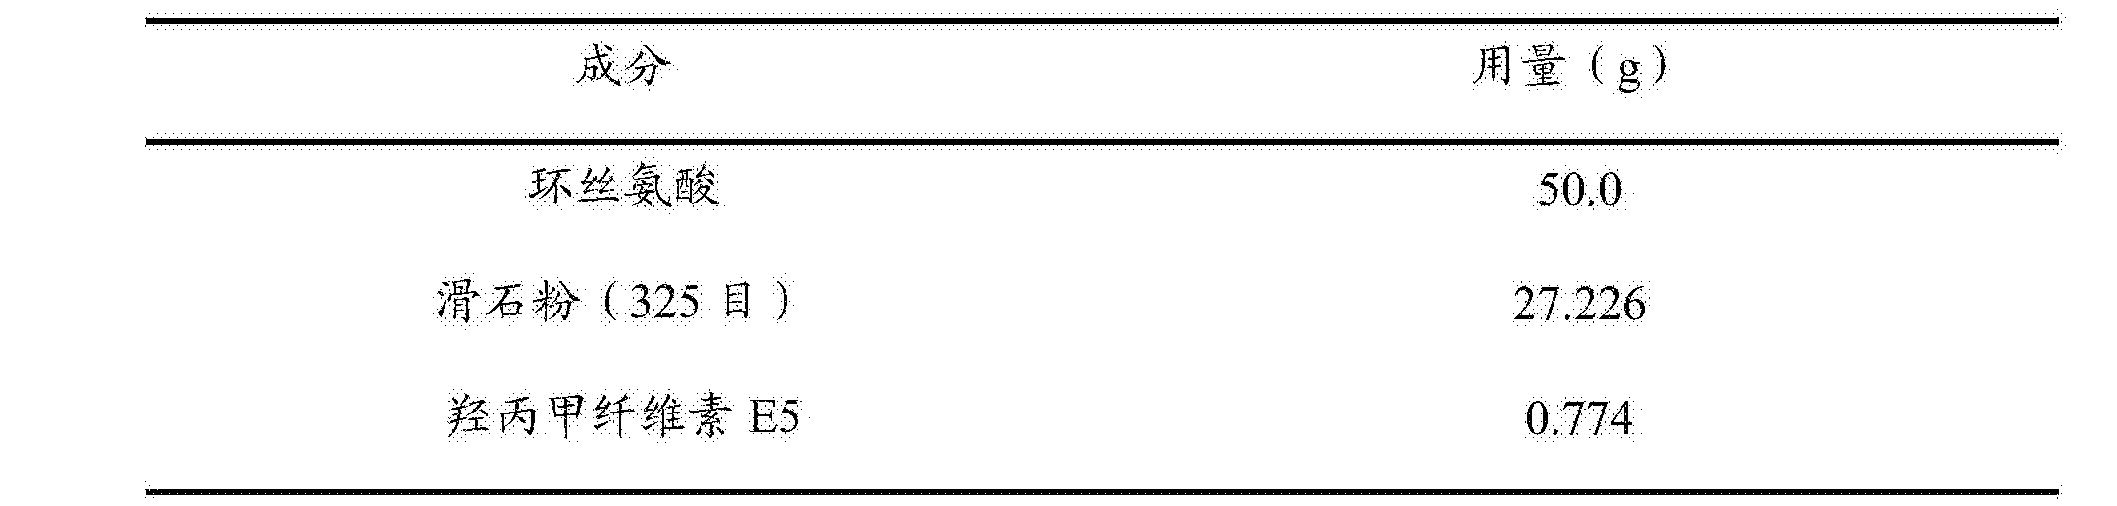 Figure CN105476976BD00151